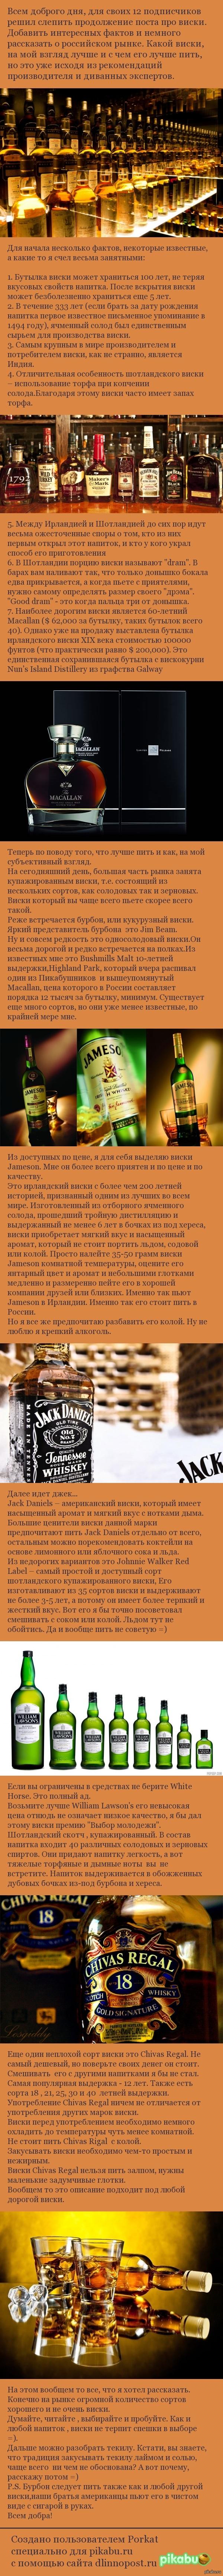 """Факты о виски, продолжение в продолжение поста <a href=""""http://pikabu.ru/story/viskinemnogo_faktov_3010110"""">http://pikabu.ru/story/_3010110</a>"""